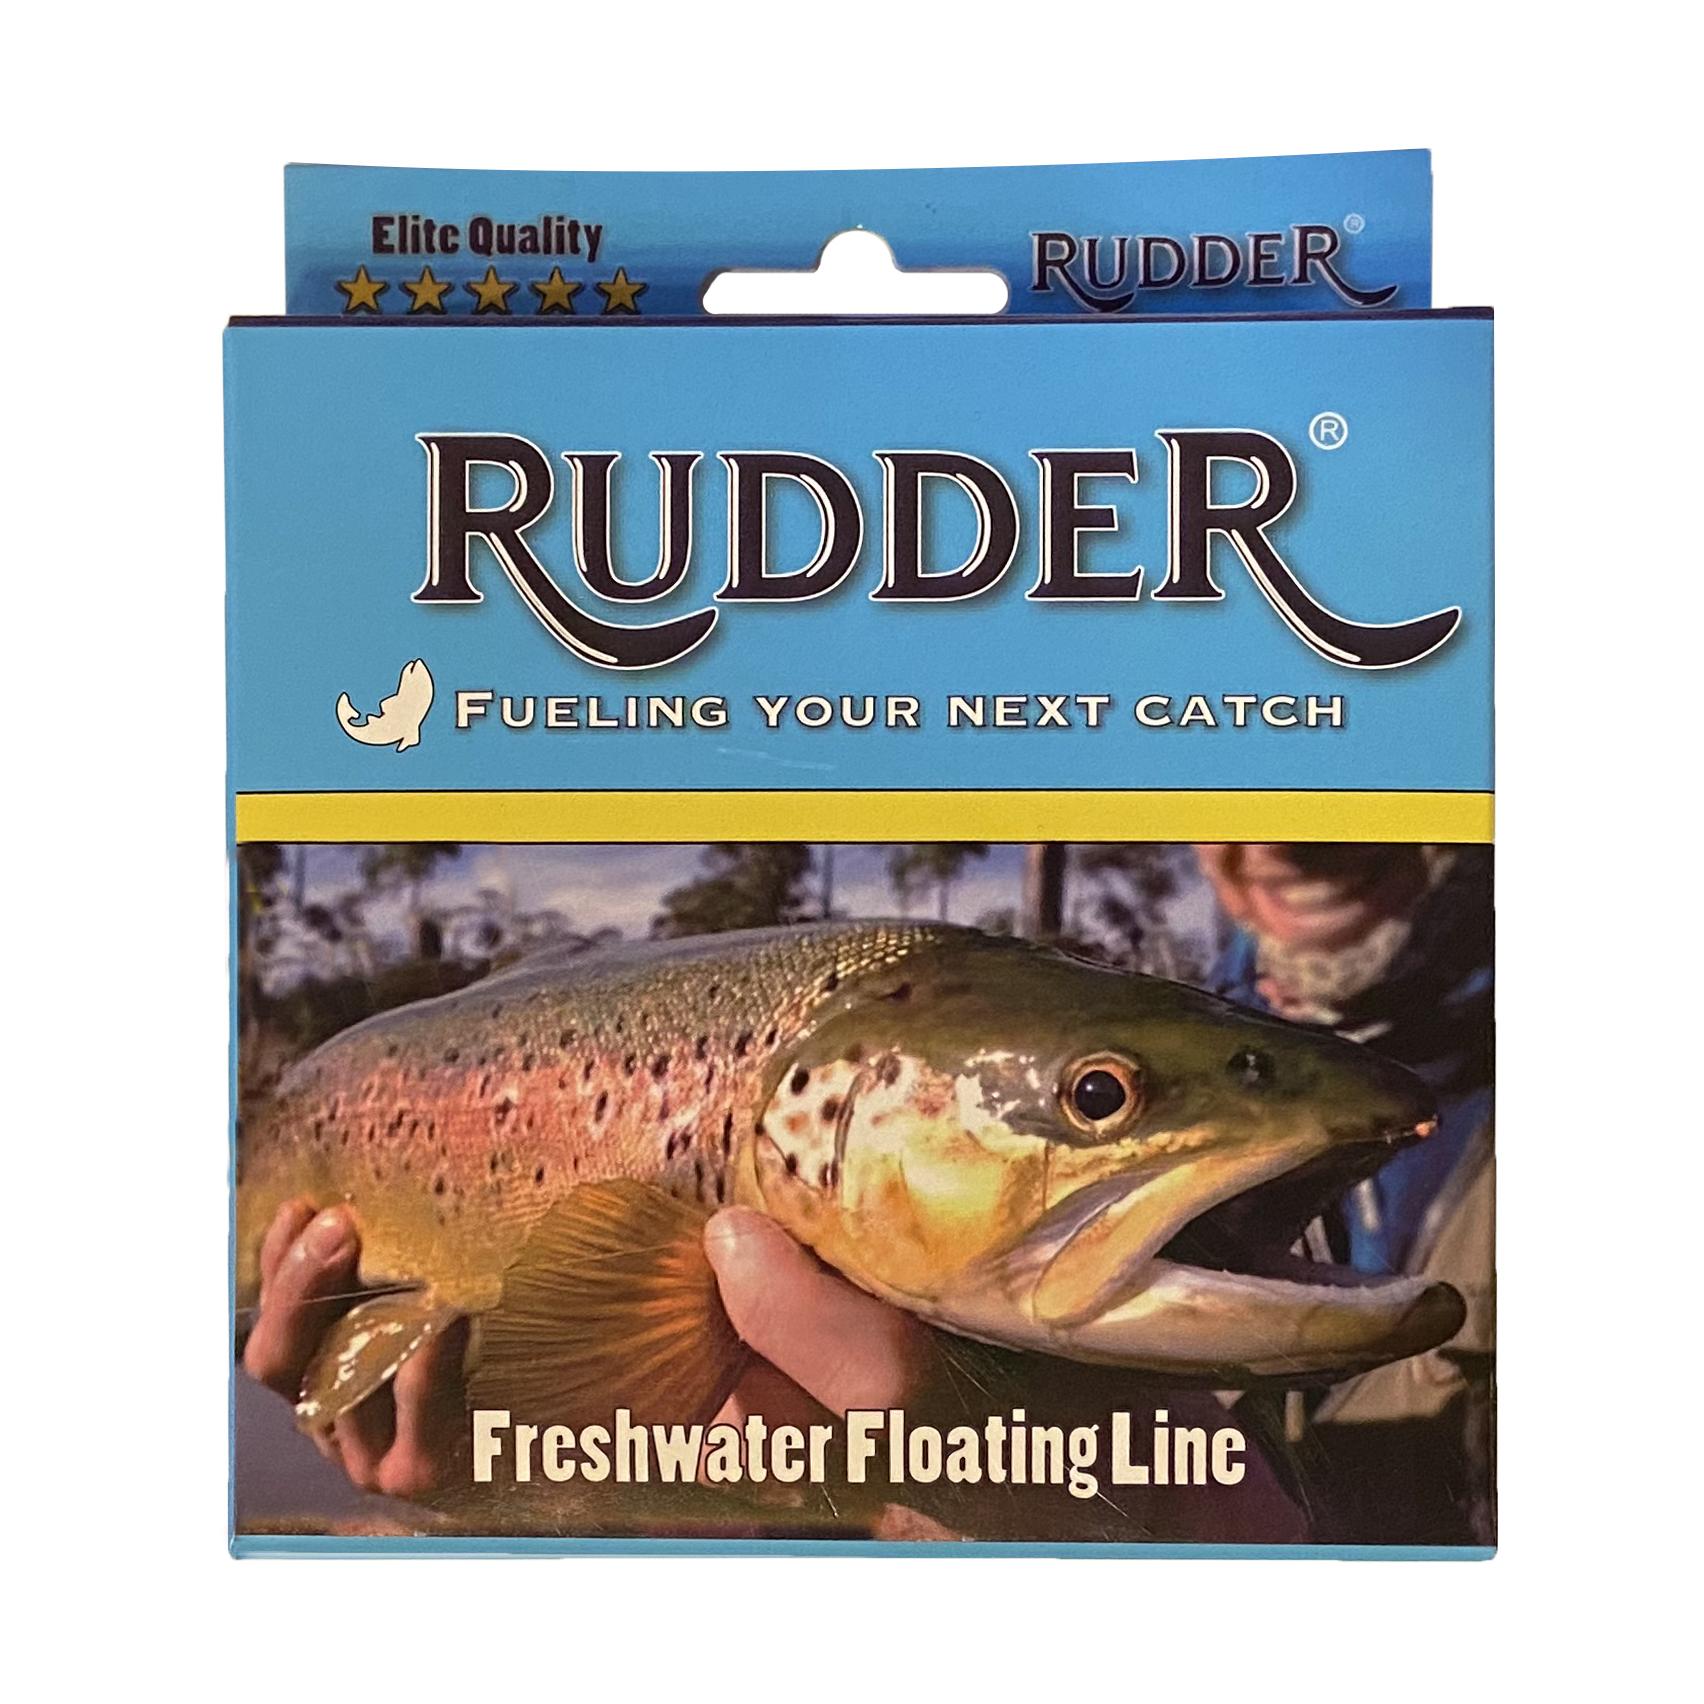 Rudder Freshwater Floating Line – WF5F